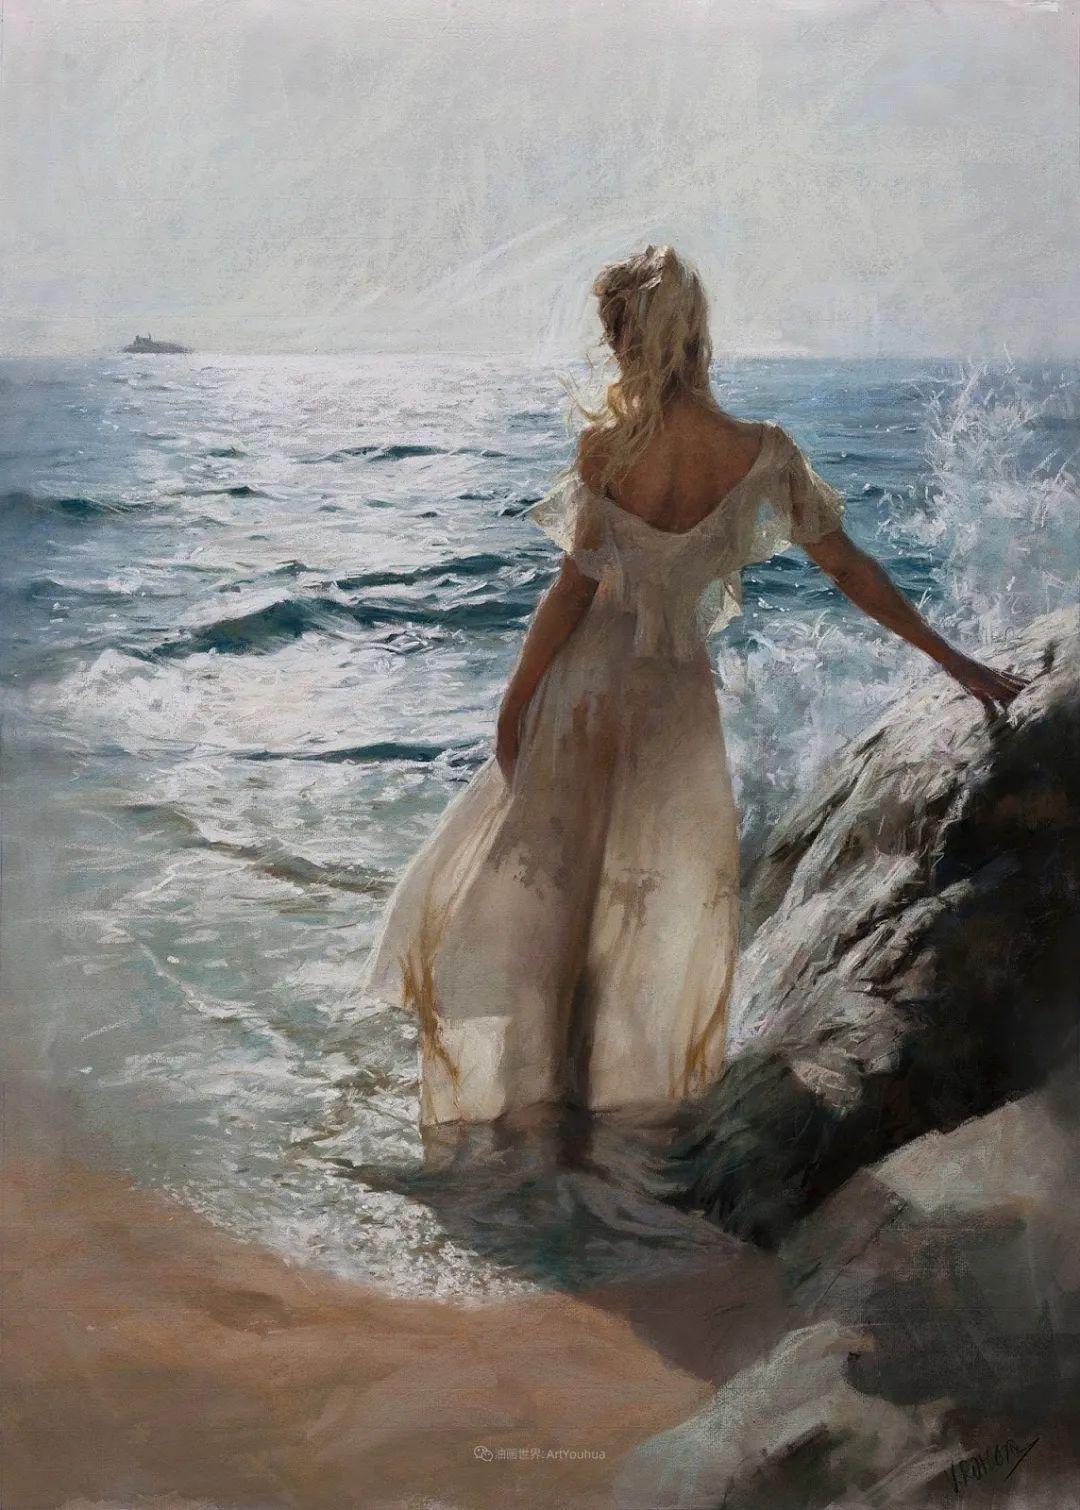 地中海暖阳下,穿裙的女子,浪漫美丽!插图21